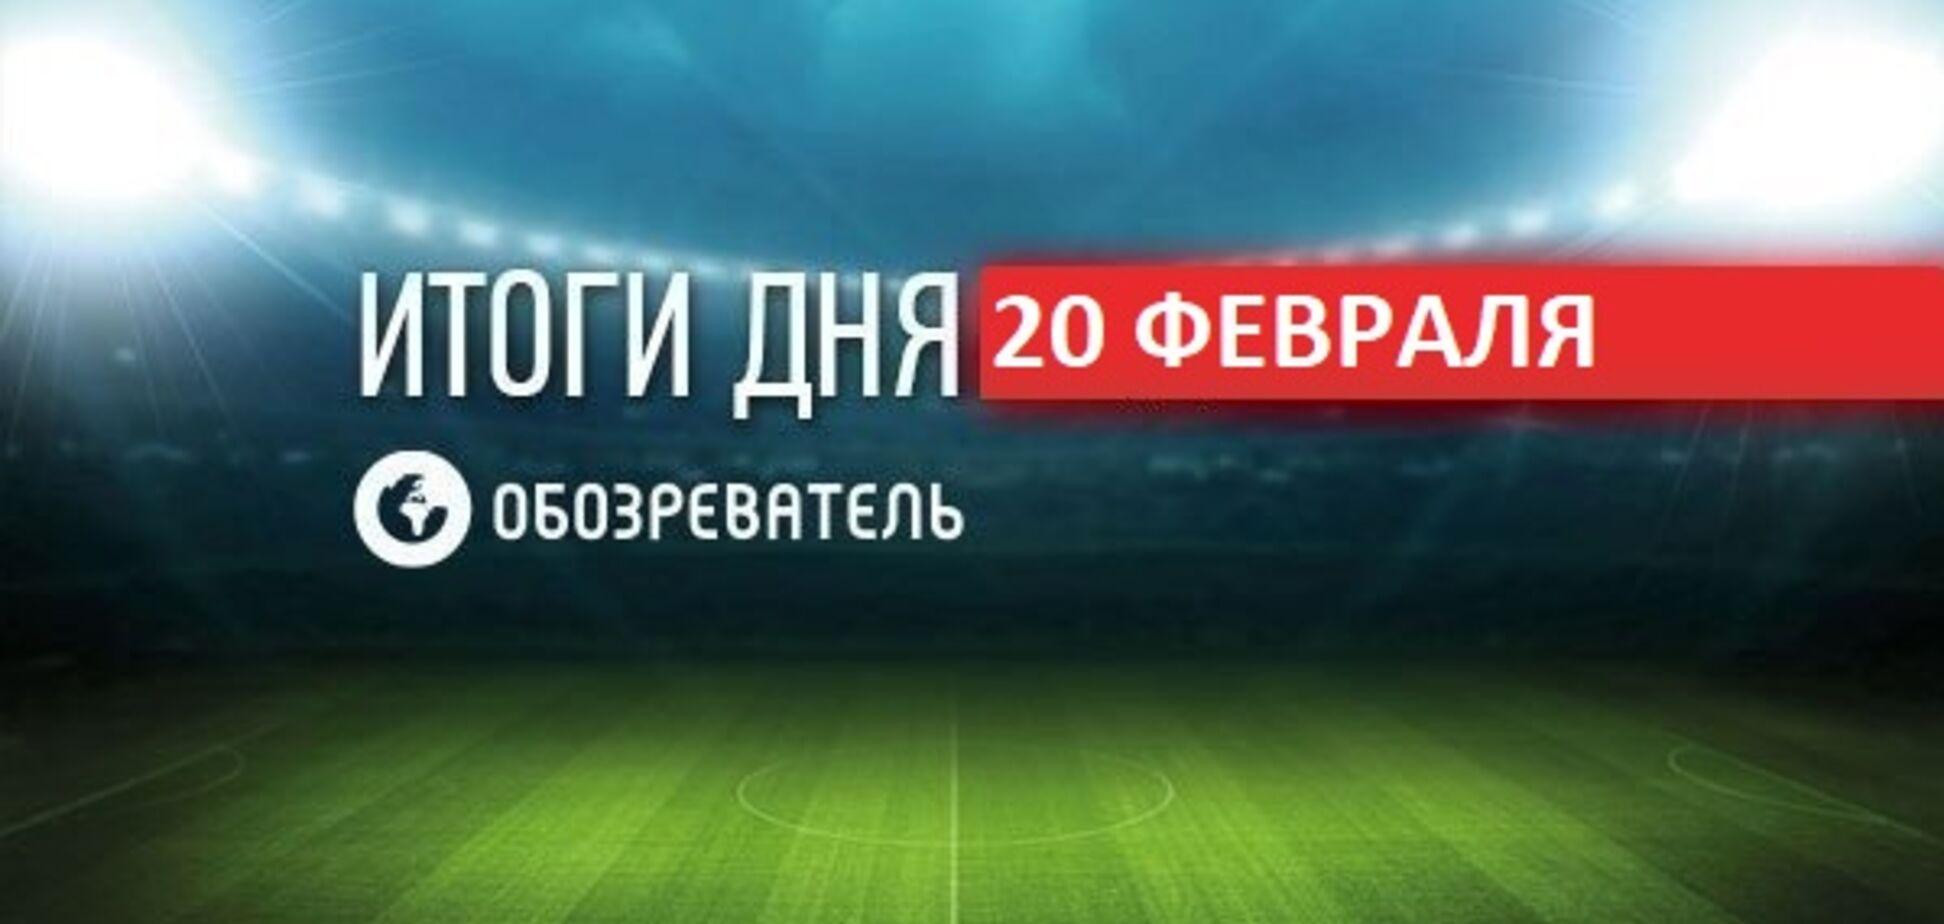 'Шахтар' обіграв 'Бенфіку' в ЛЄ: спортивні підсумки 20 лютого